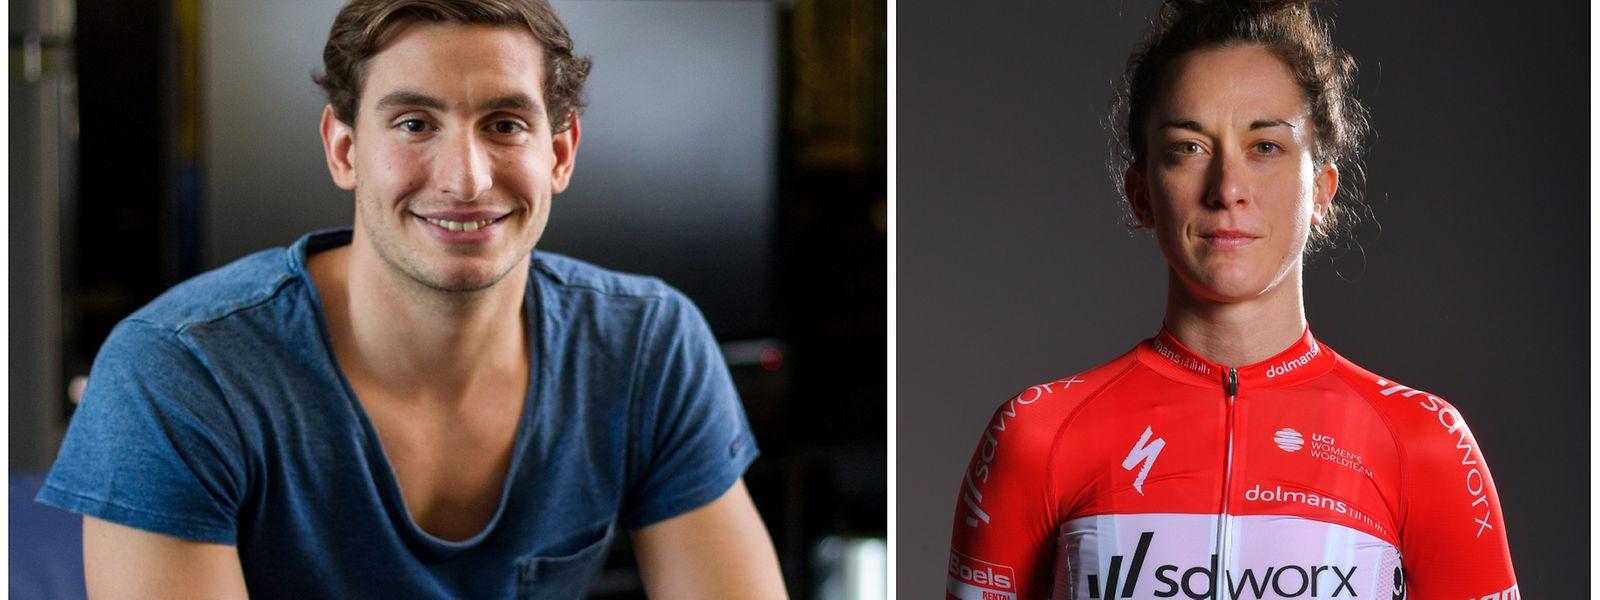 Les JO 2020 seront les cinquièmes de Raphaël Stacchiotti , et les quatrièmes de Christine Majerus.